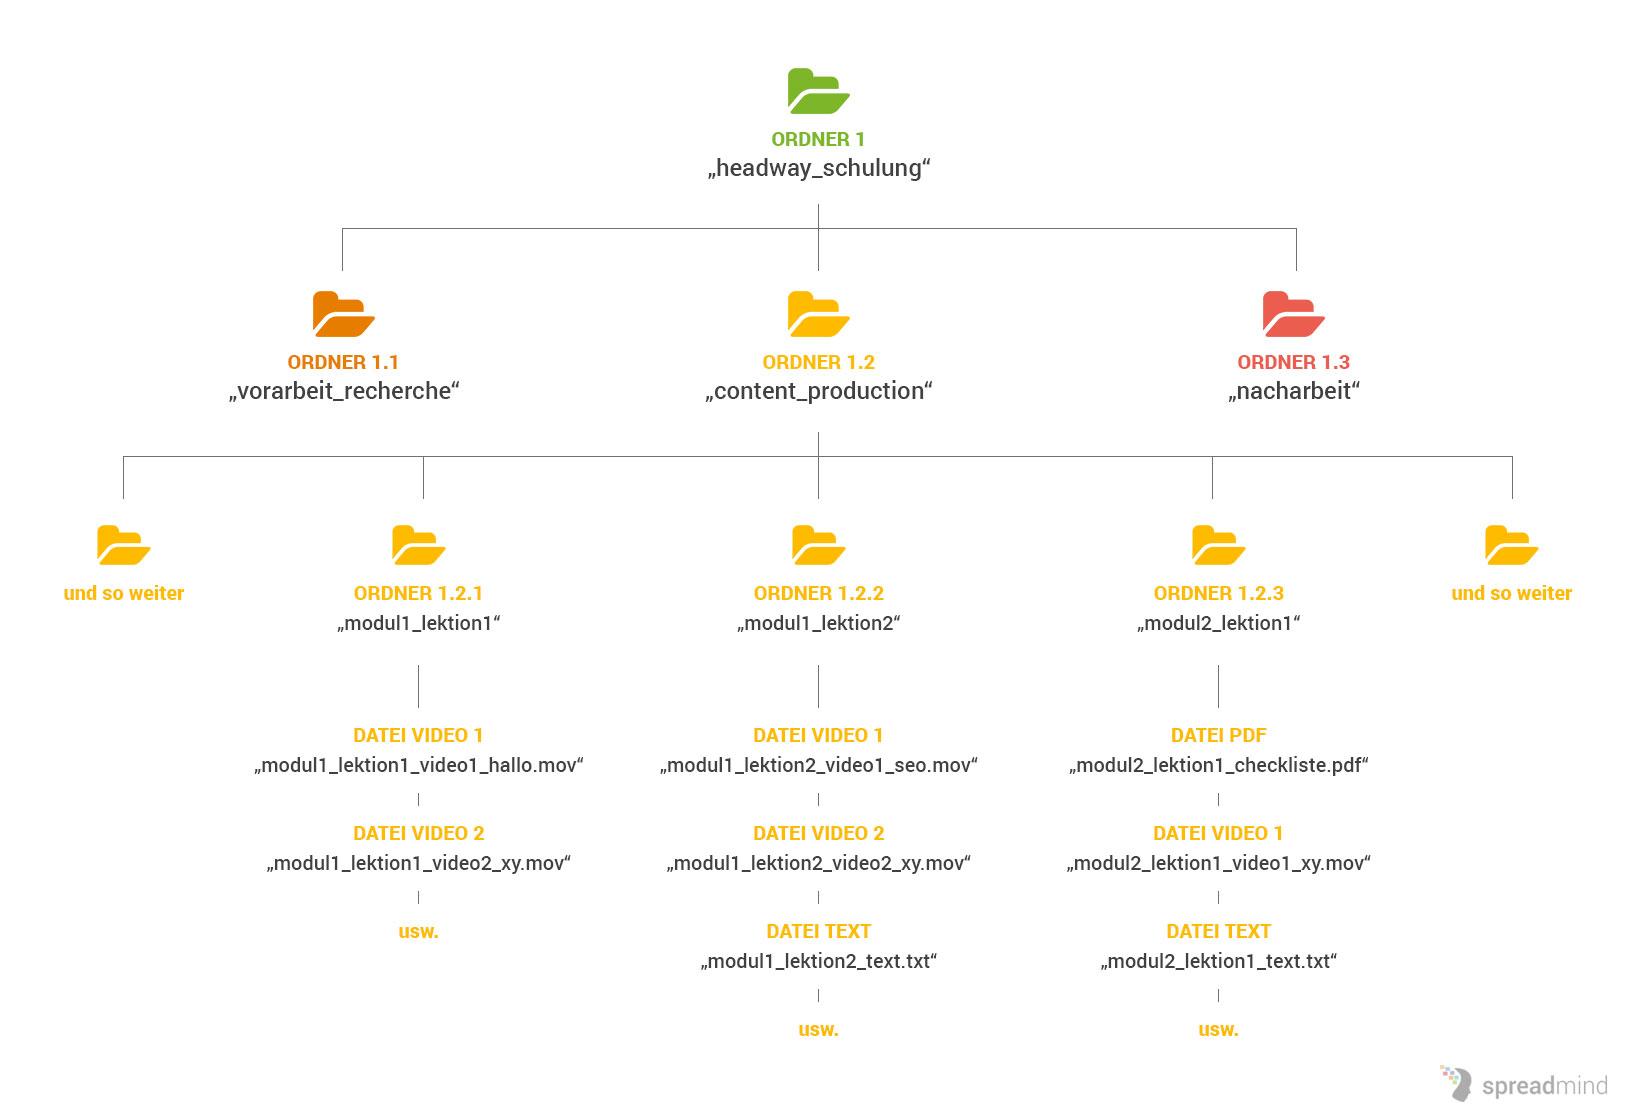 diagramm online kurs erstellen - Beispiel Ordnerstruktur Unternehmen